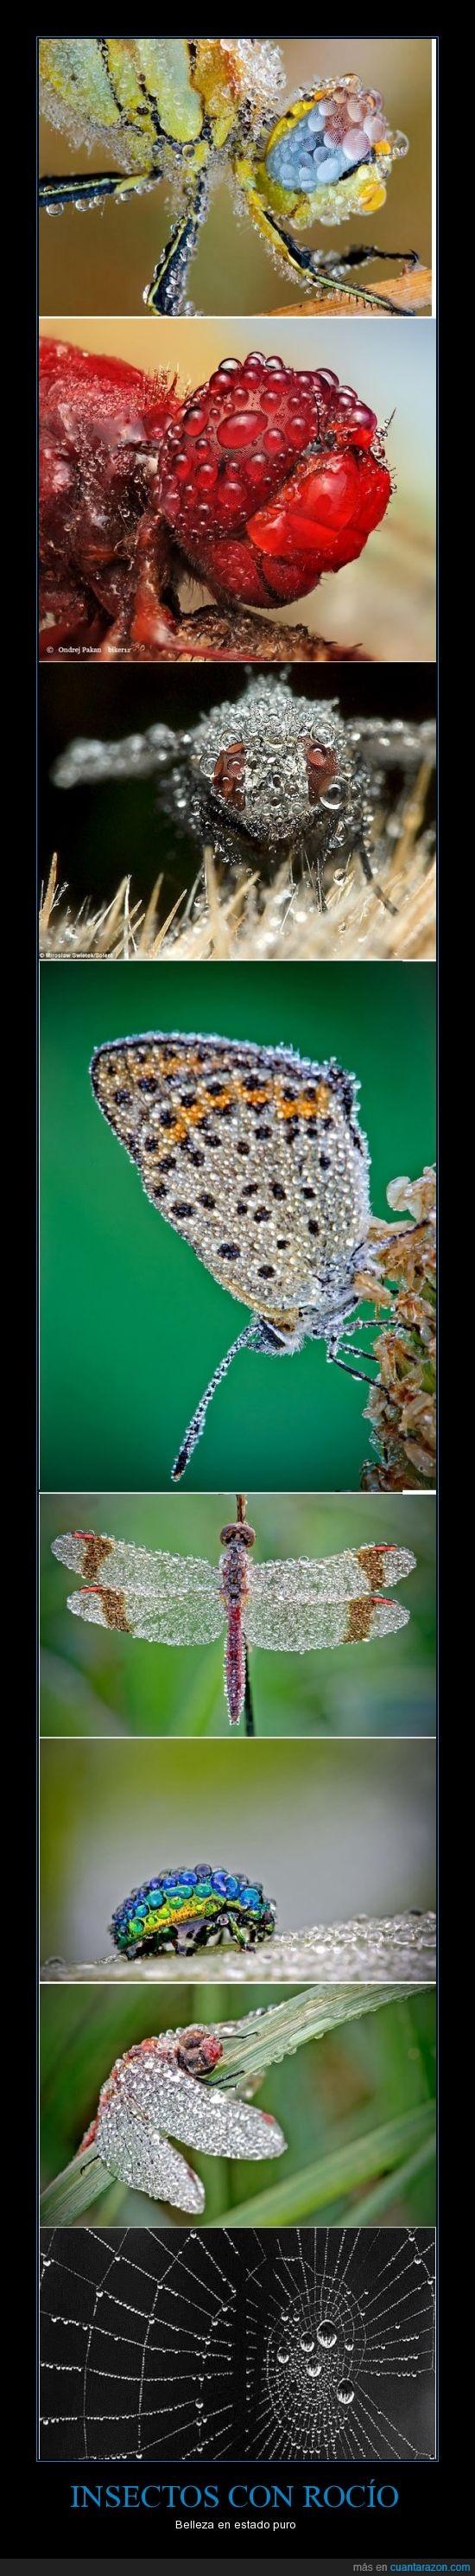 animales,belleza,insectos,naturaleza,rocio